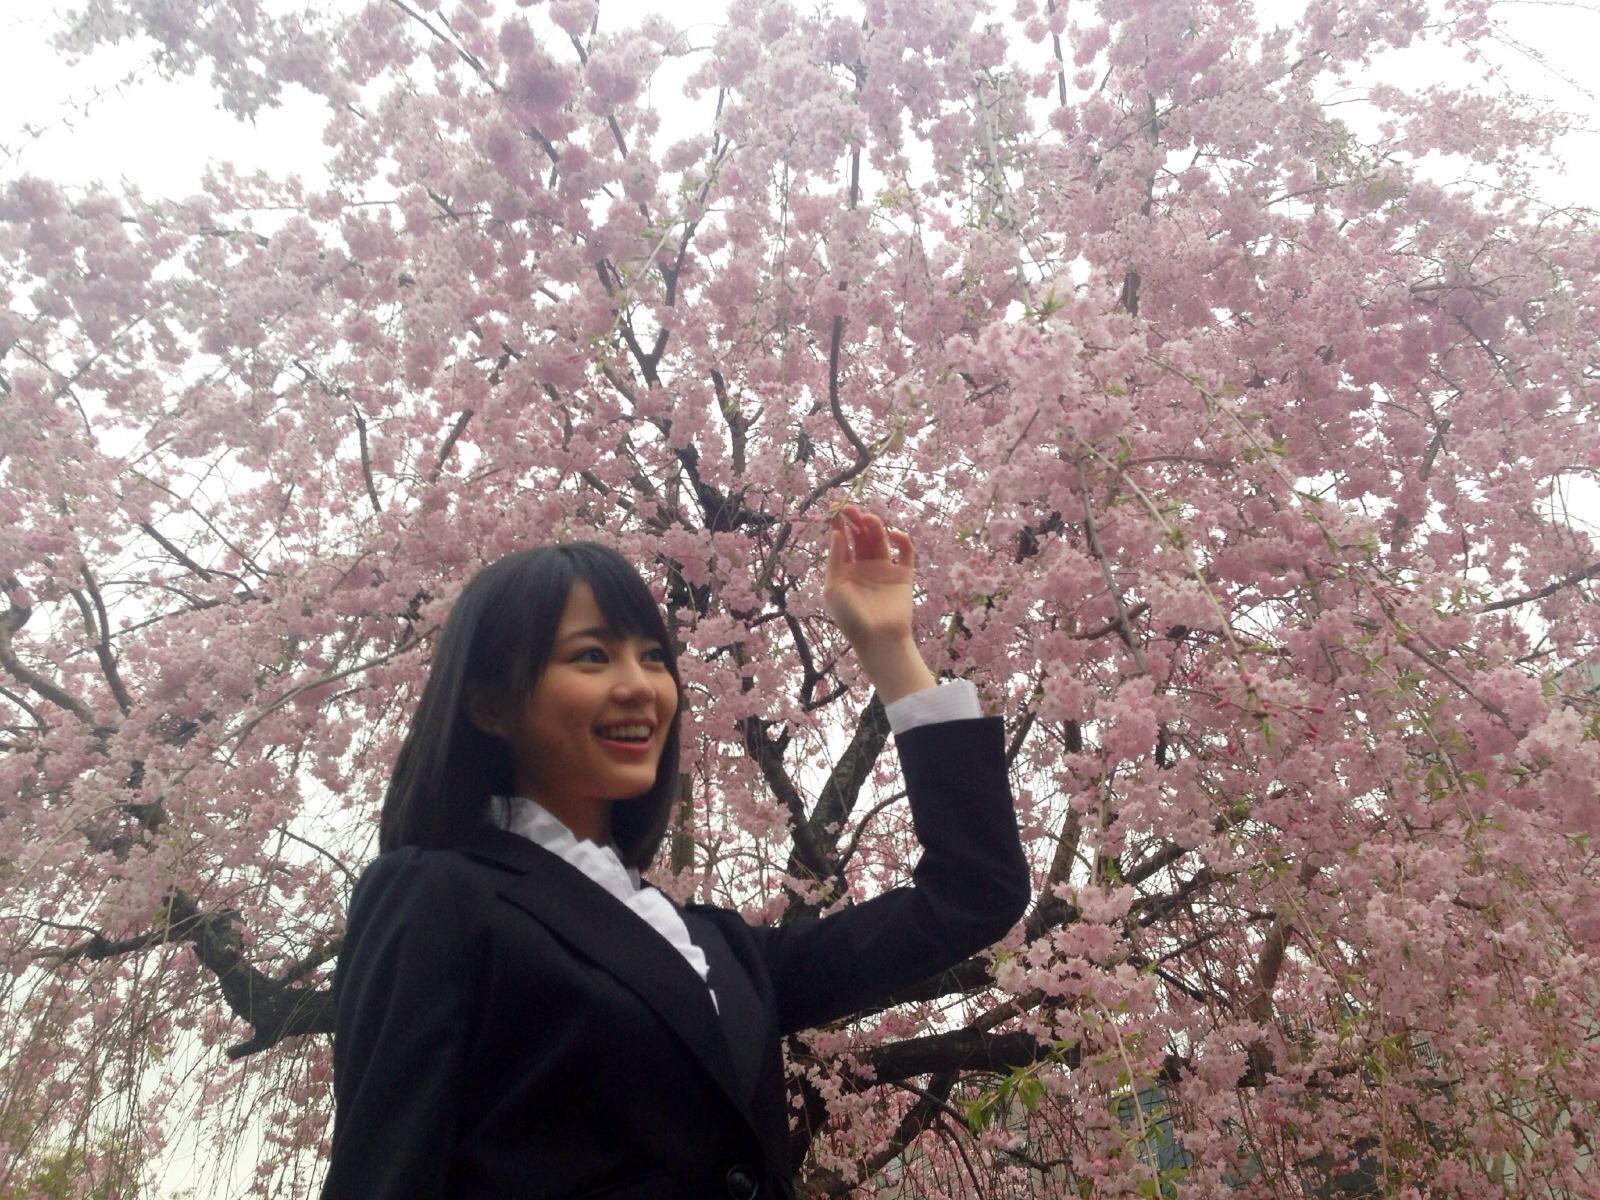 乃木坂46で大人気♡生田絵梨花さんの大学って一体どこなの?のサムネイル画像